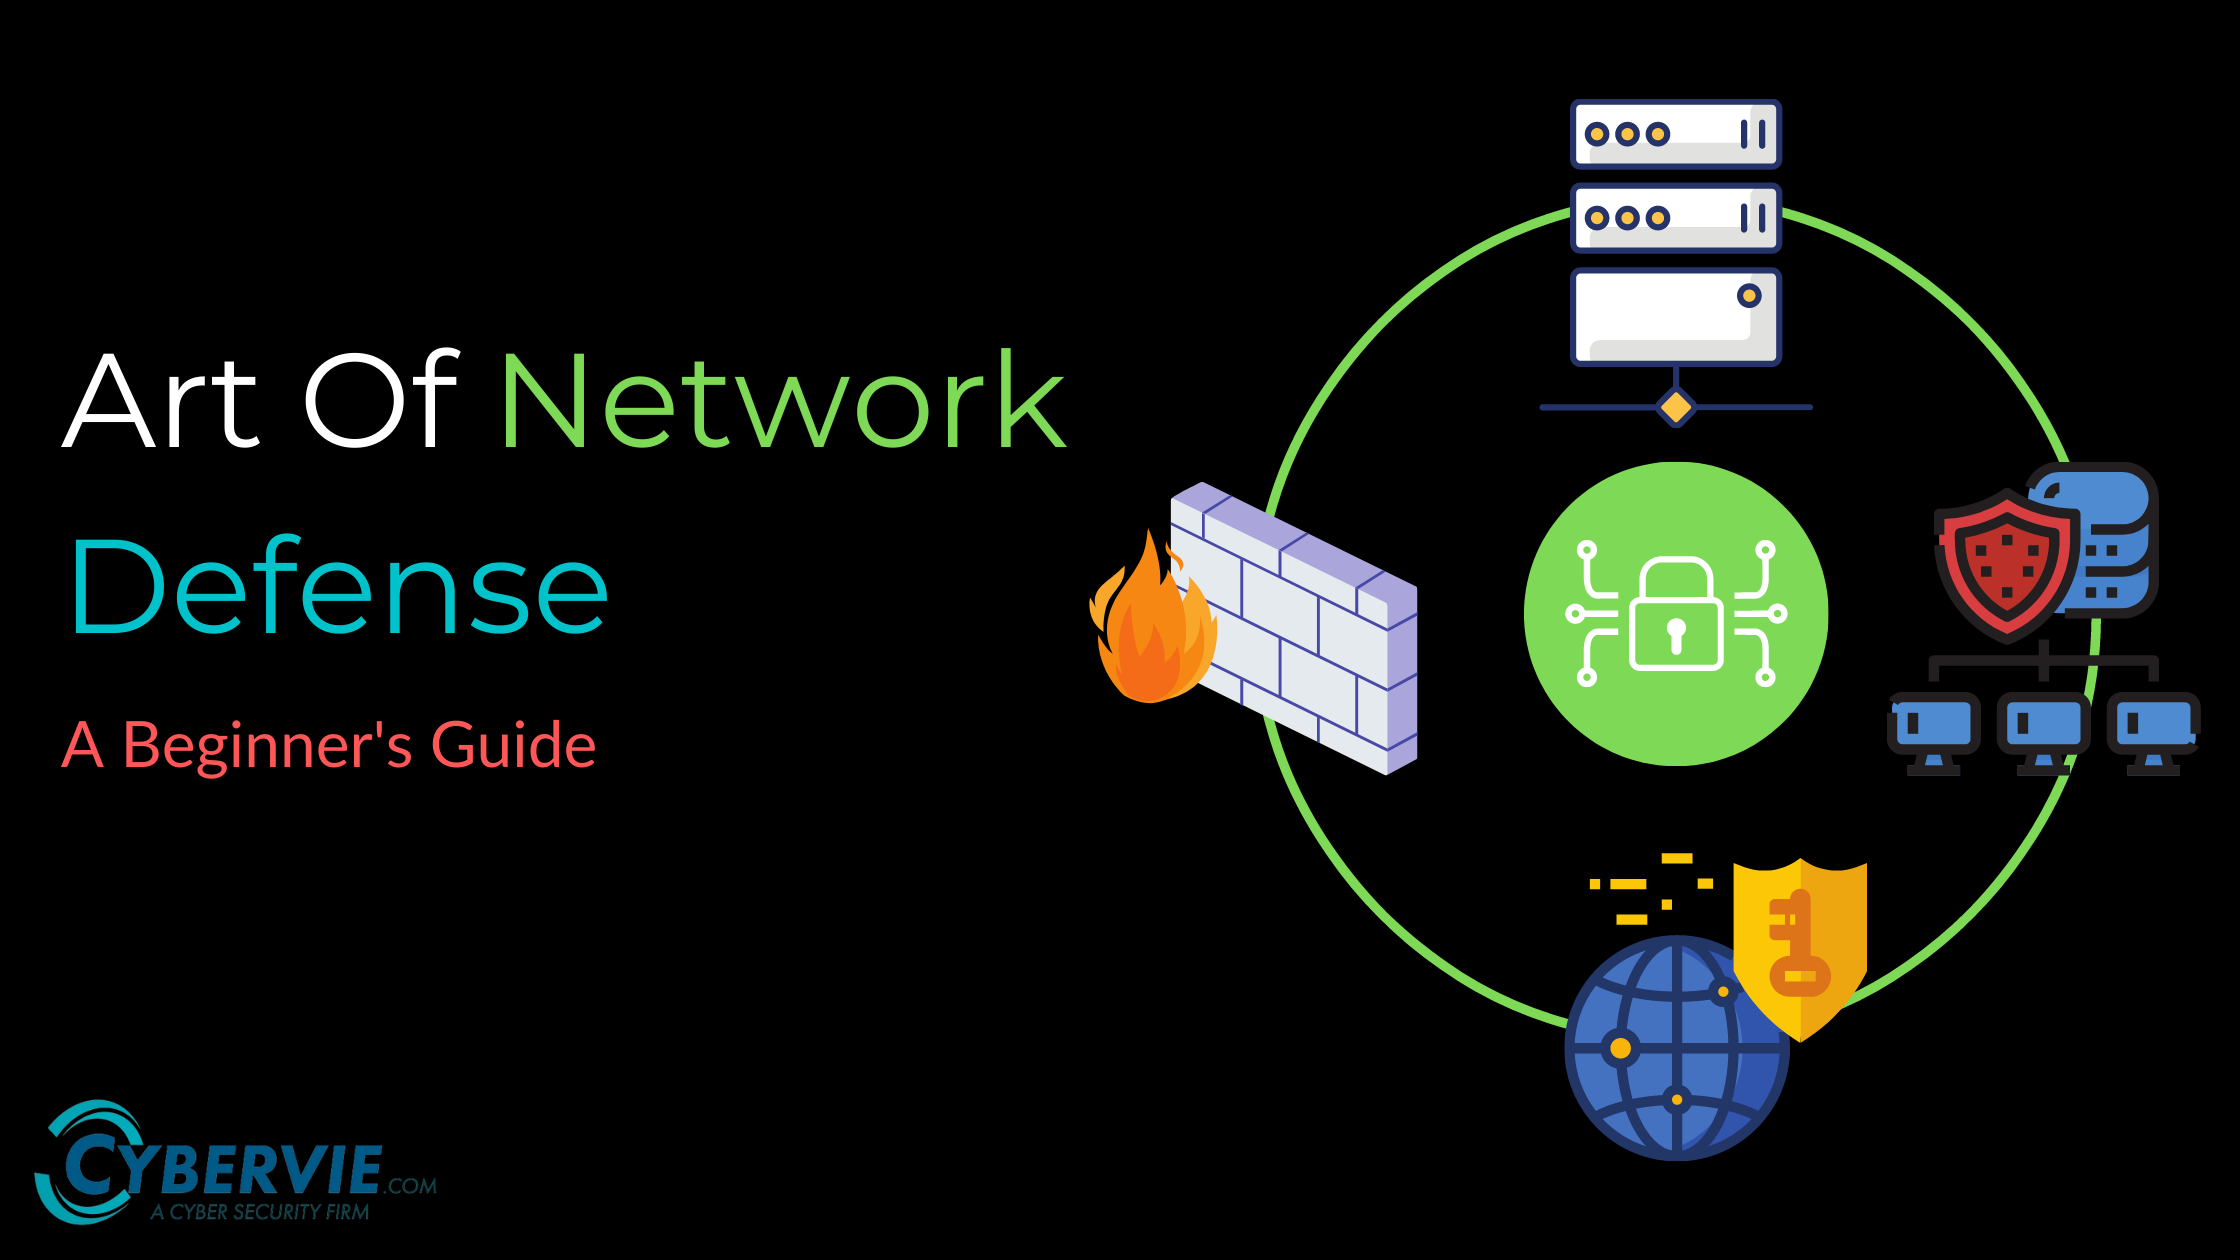 Network Defense Banner   ybervie